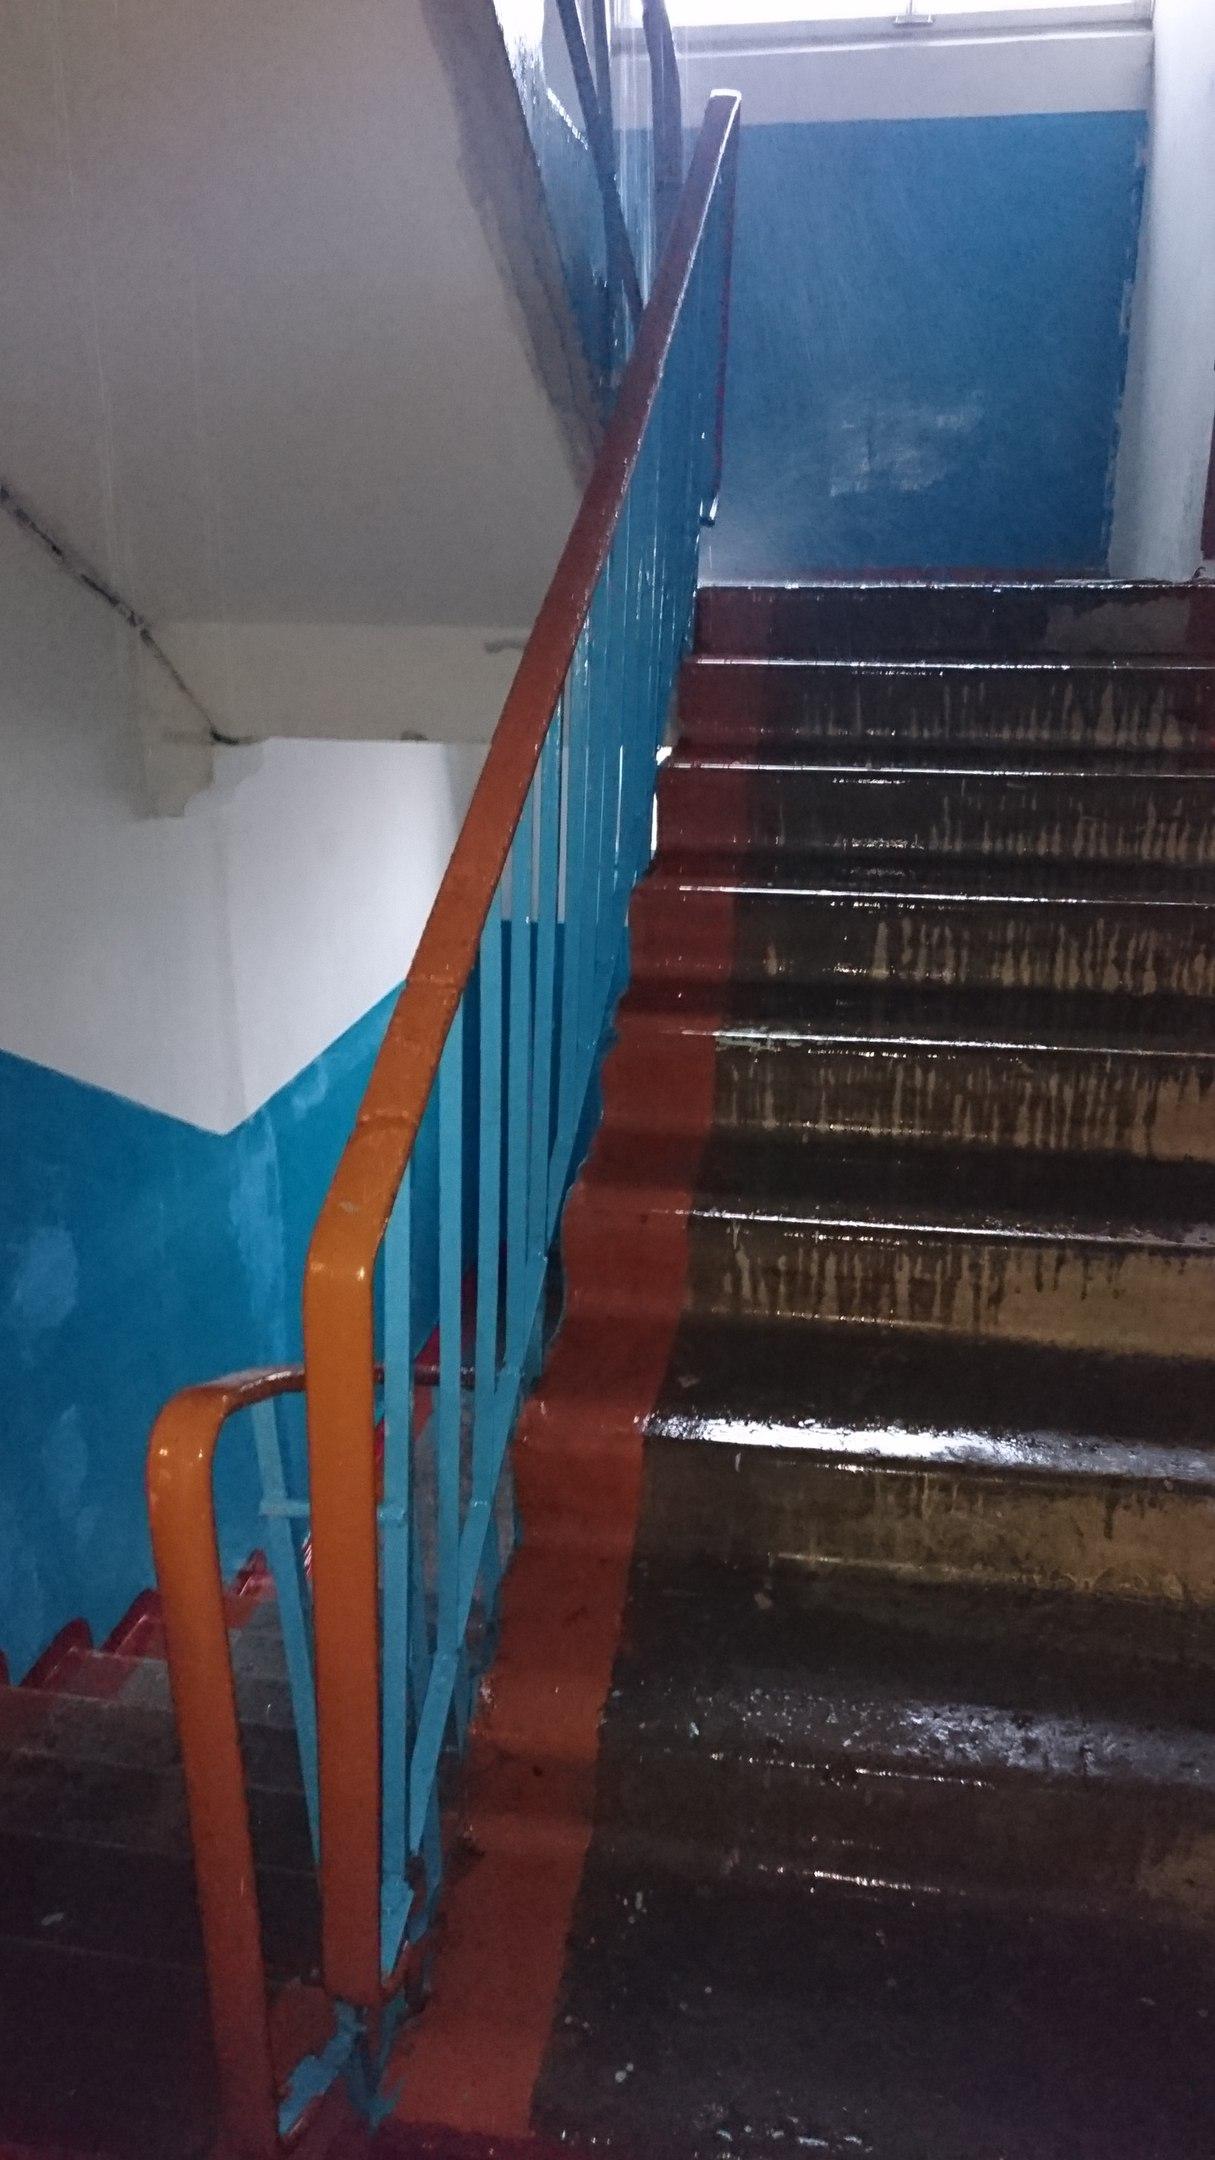 Миколаївську багатоповерхівку затоплює дощем: ЖЕК не реагує